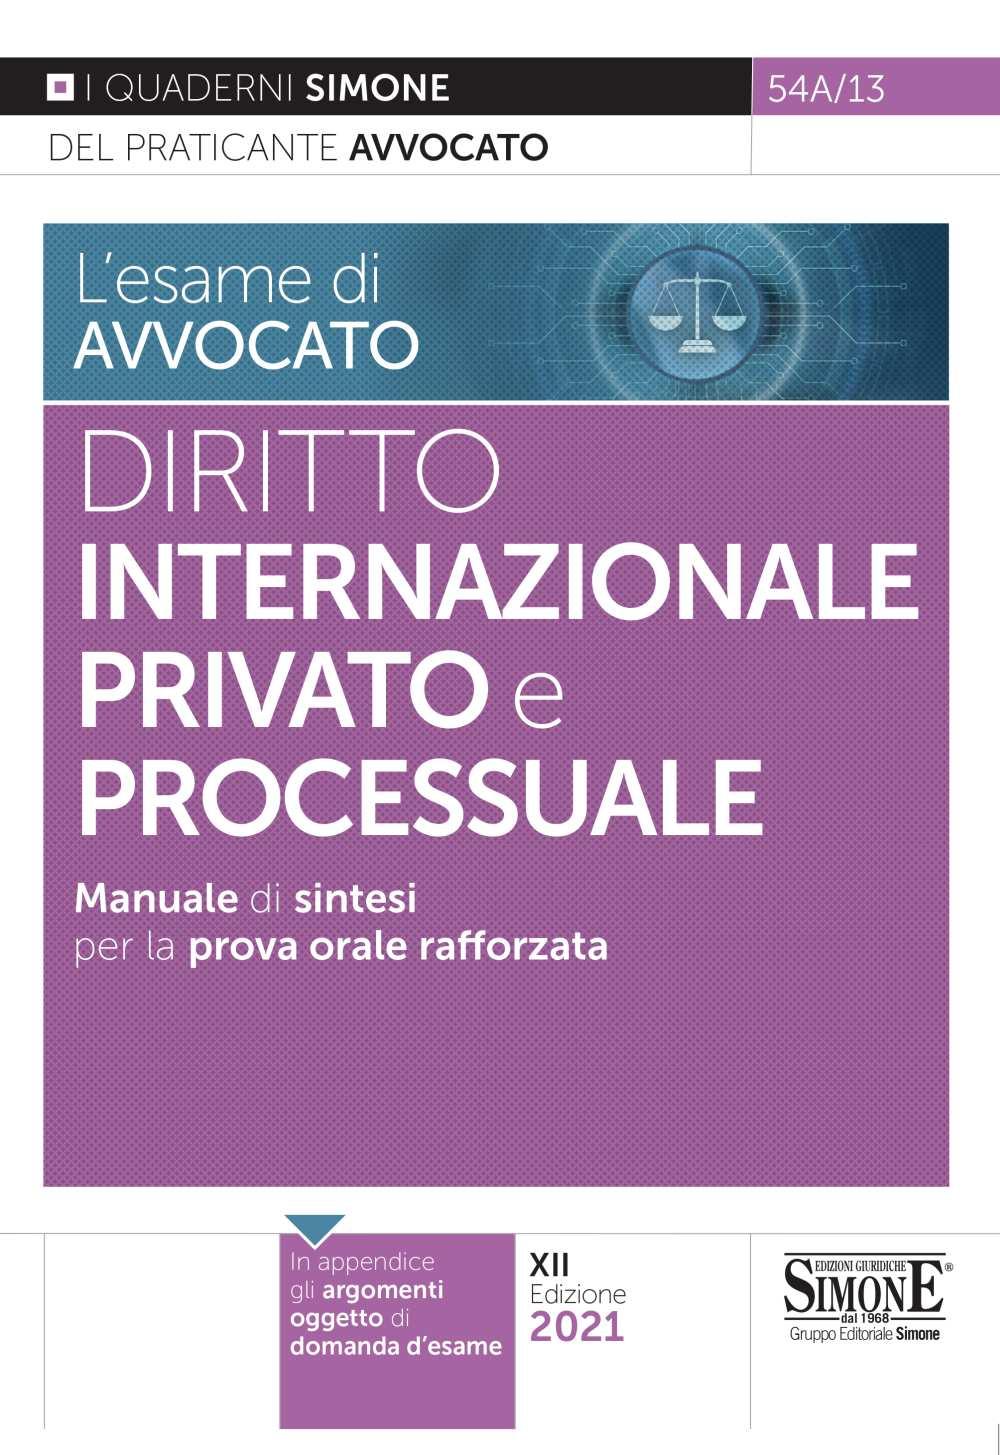 esame di avvocato - Diritto Internazionale Privato